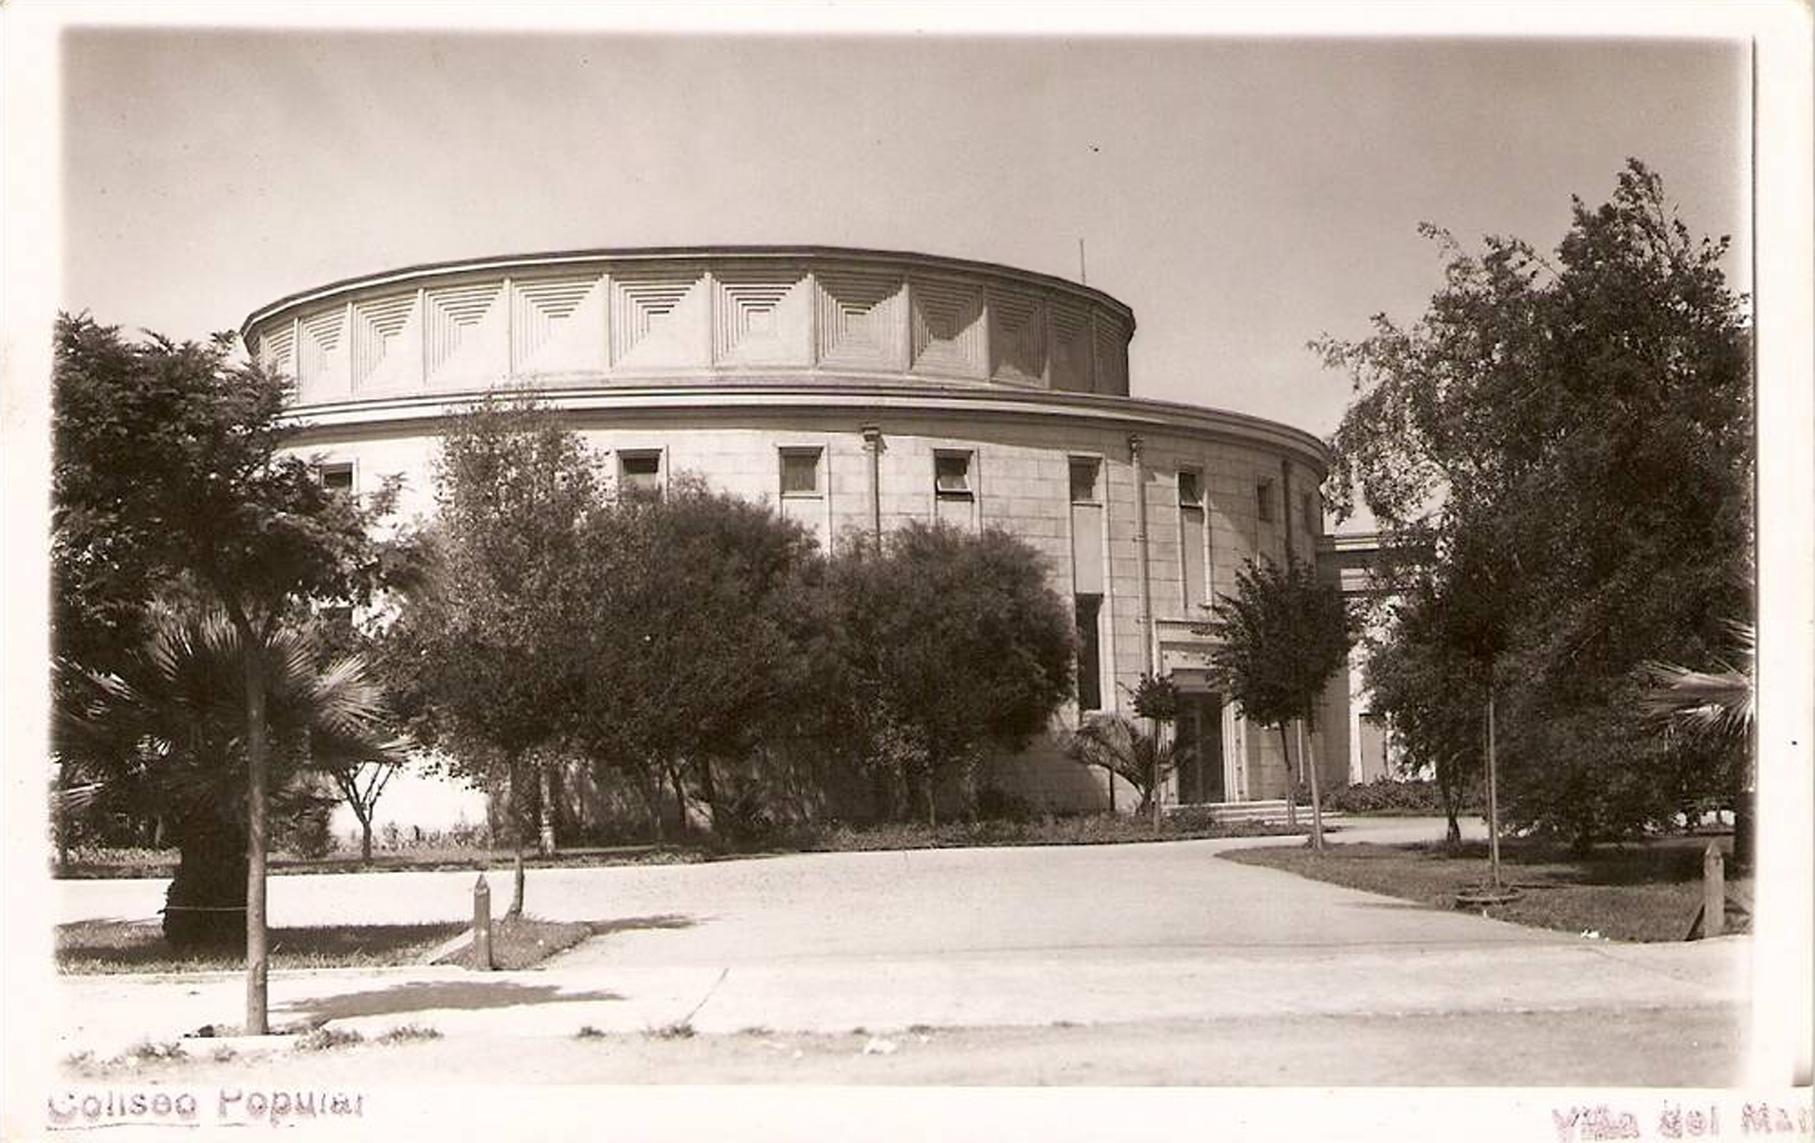 Enterreno - Fotos históricas de chile - fotos antiguas de Chile - Coliseo Popular en Viña del Mar en 1950